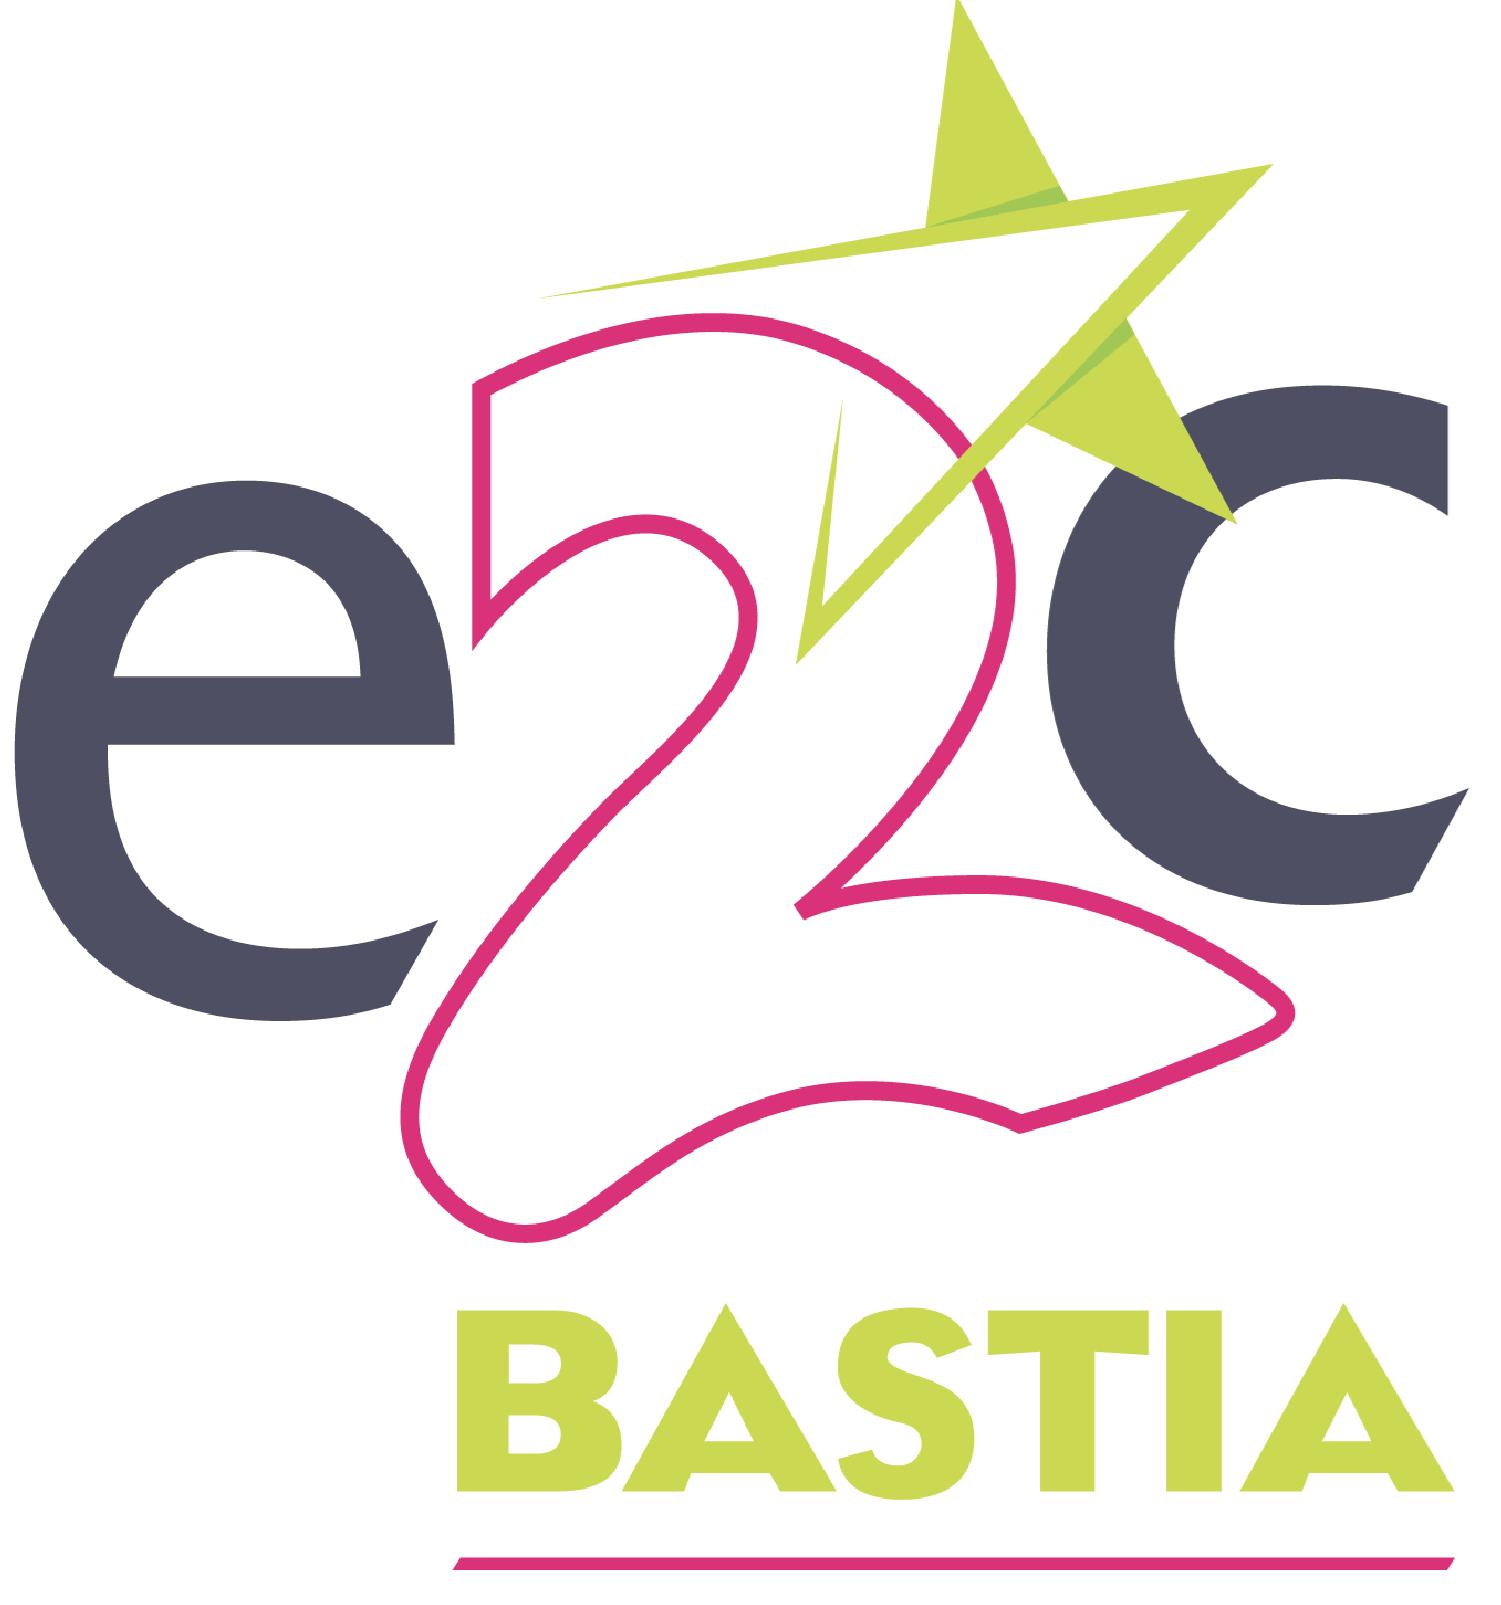 E2C Bastia